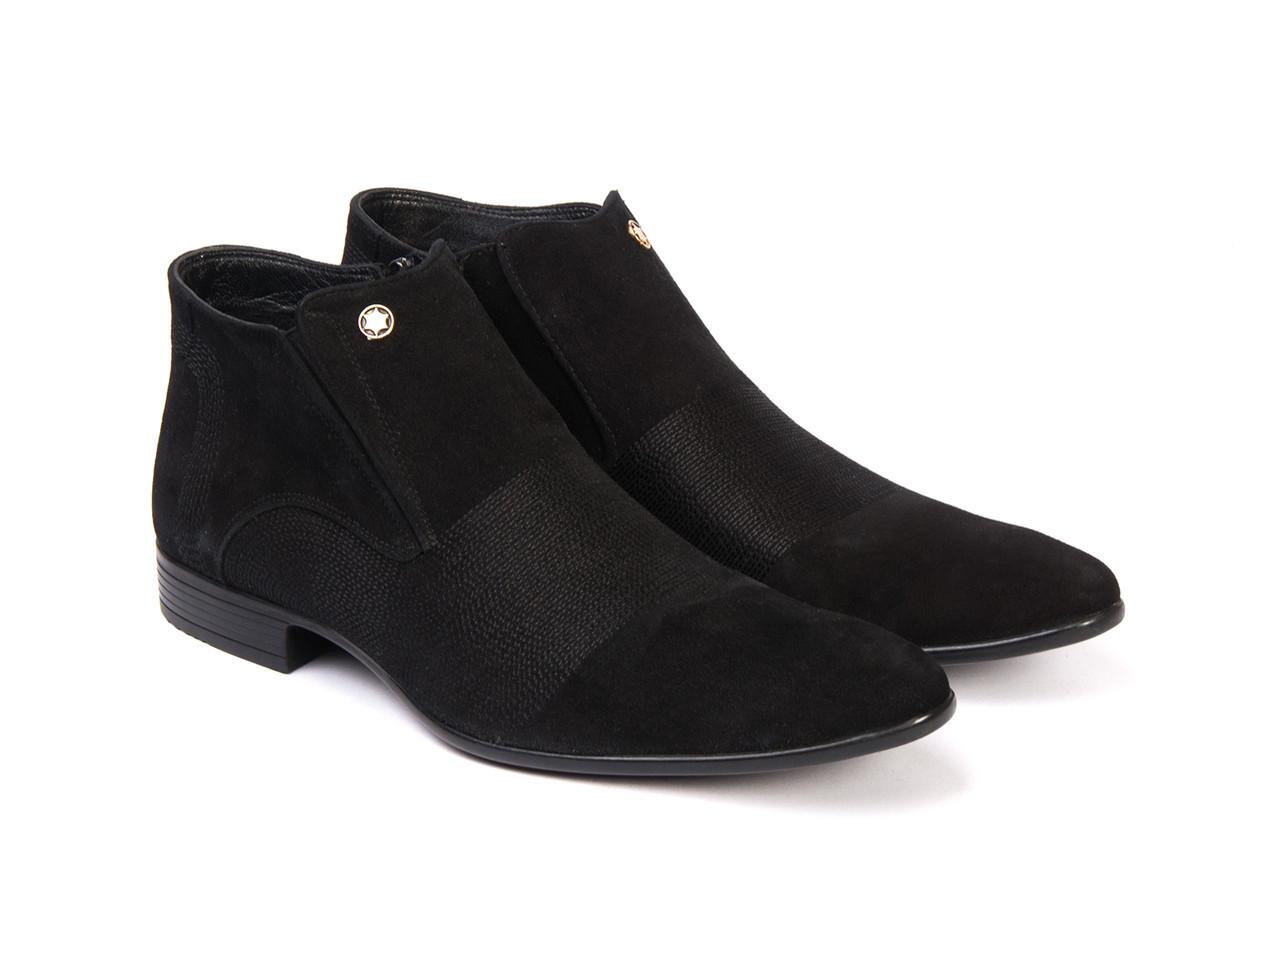 Ботинки Etor 6071-780 45 черные